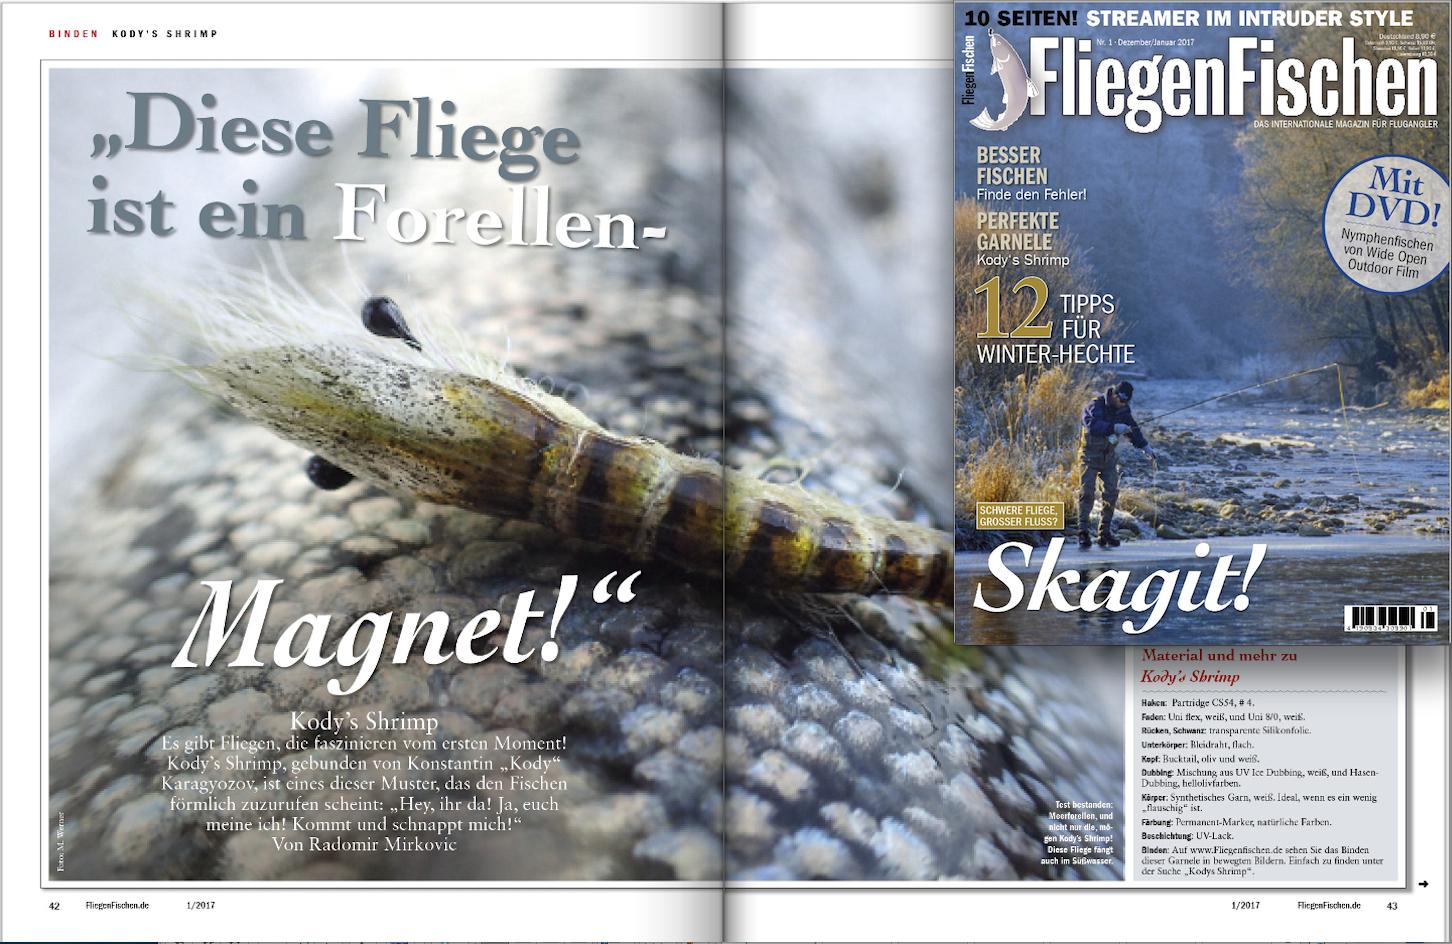 """In der aktuellen Ausgabe von FliegenFischen zeigen wir Ihnen, wie Sie Kodys Shrimp binden - und wie Sie etwas für krebskranke Kindern tun, indem Sie sich an der Auktion """"Fliegenfischer mit Herz"""" beteiligen."""